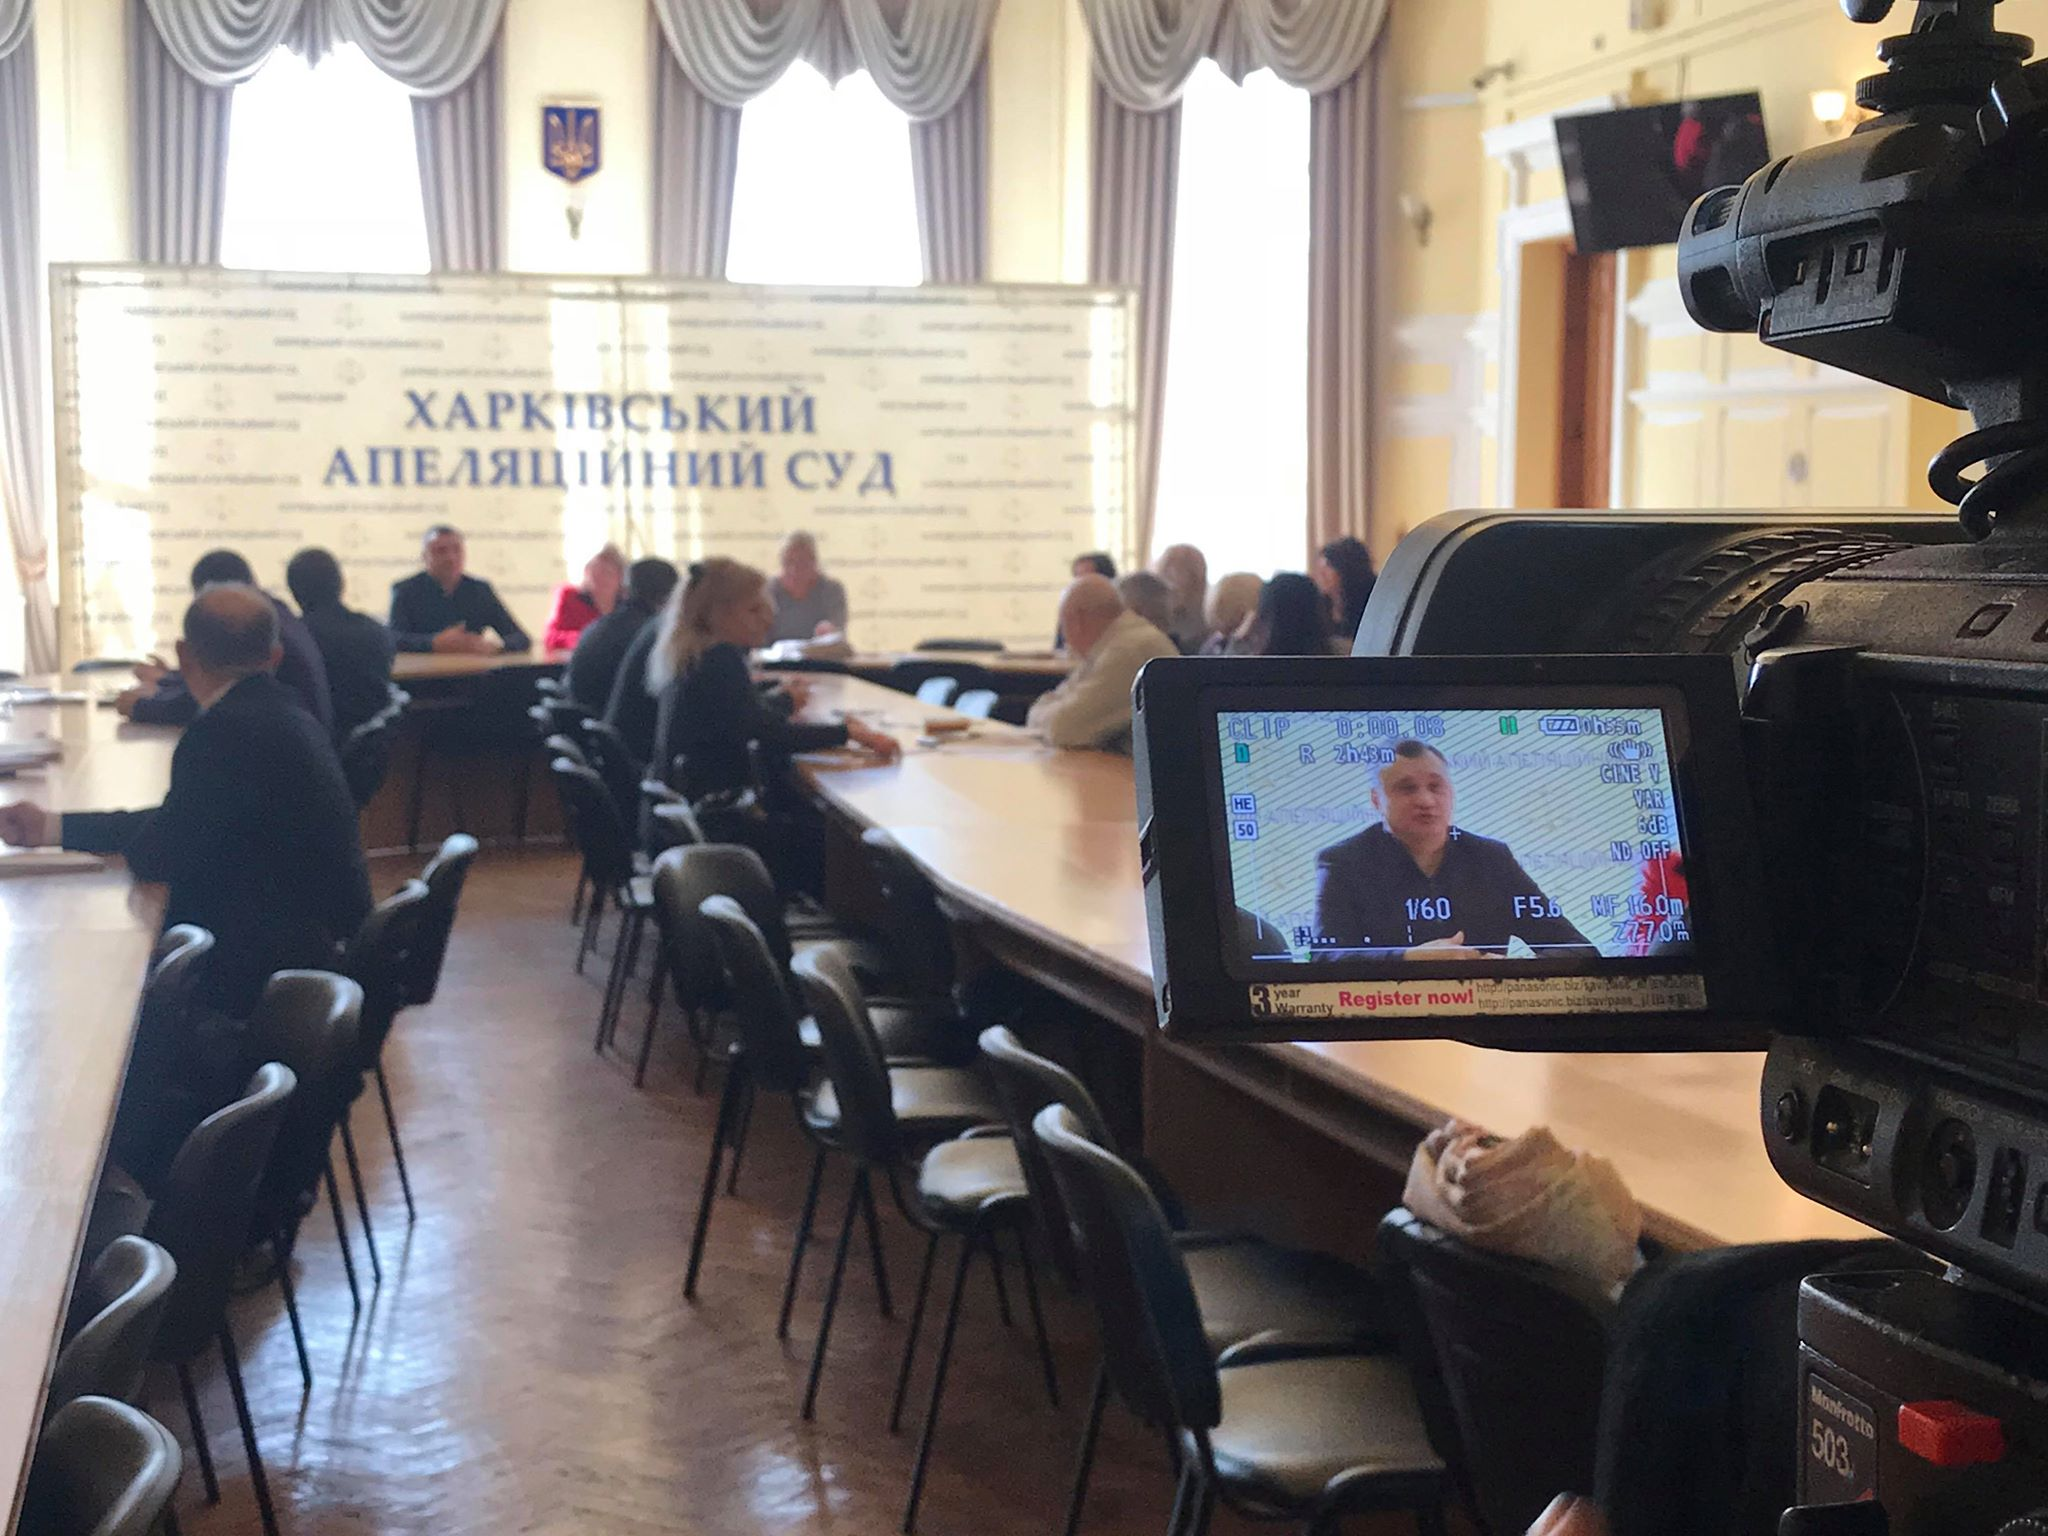 #новиниХаркова, підсумки2018, Харківський апеляційний суд